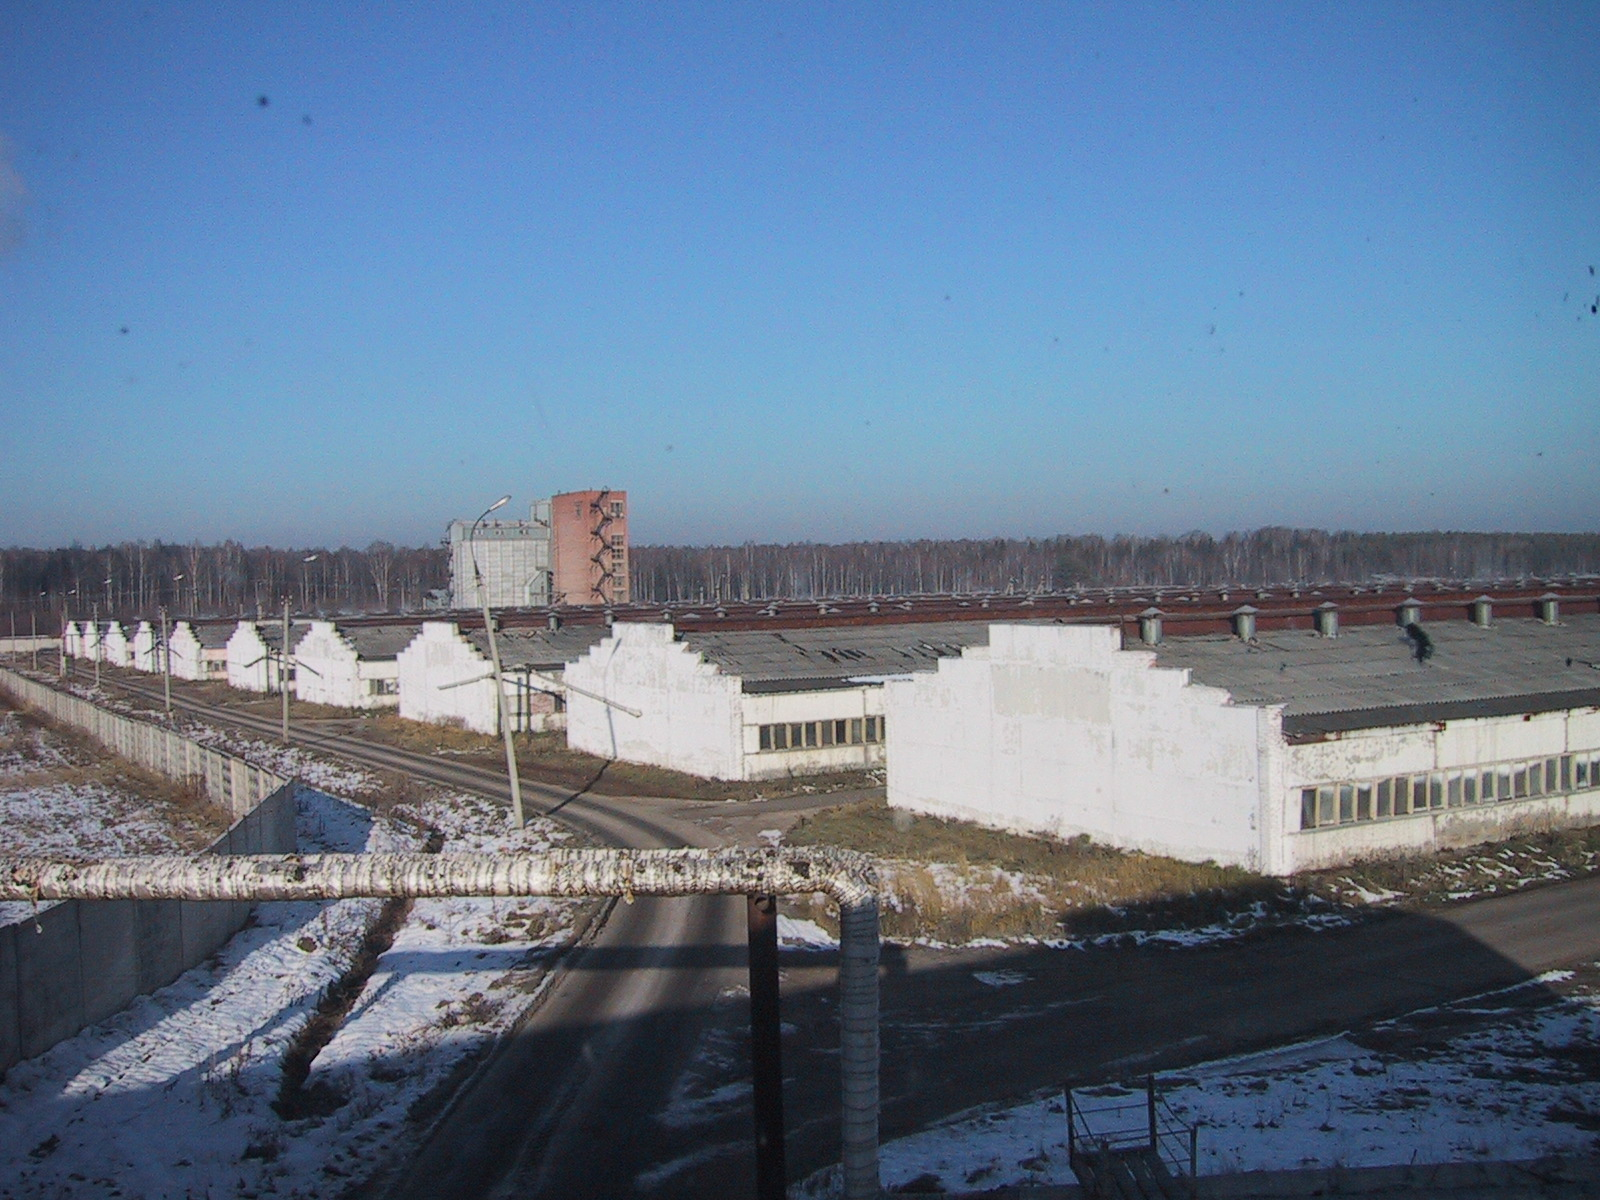 Свинокомплекс Восточный, реконструкция здания для откорма свиней, Неофорс